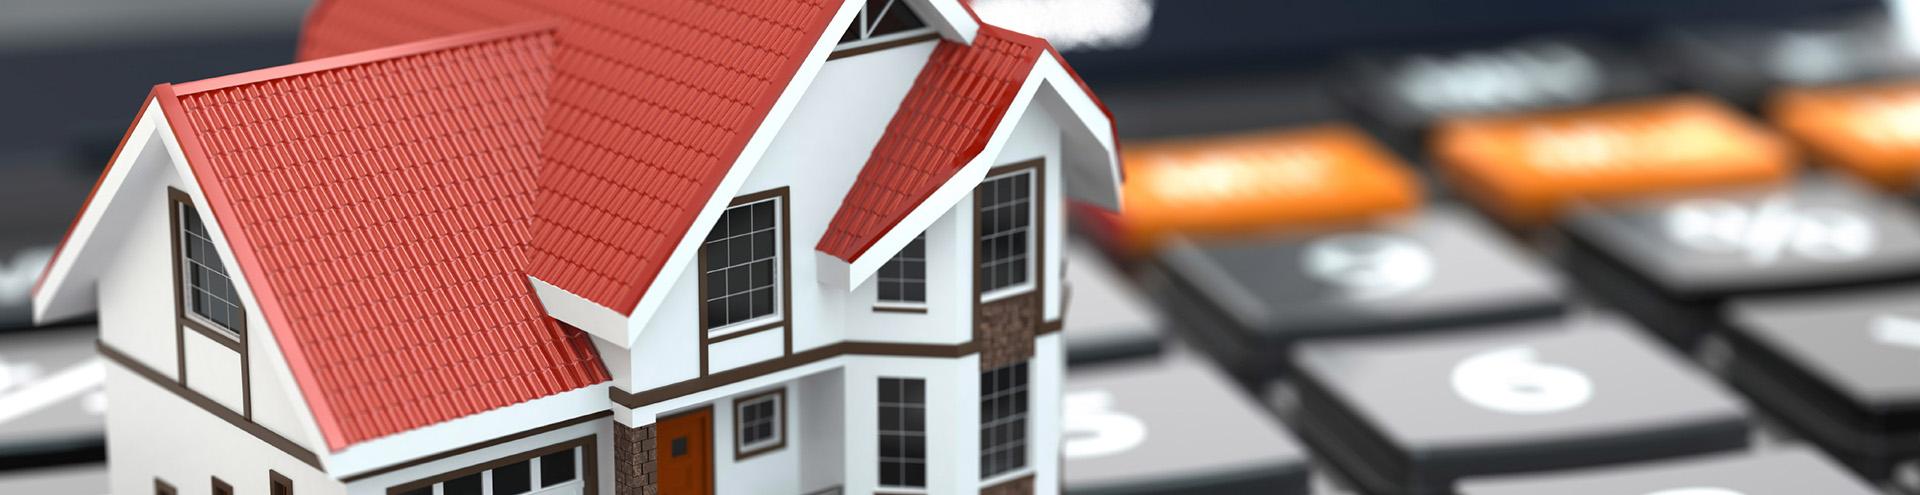 кадастровая стоимость квартиры в Рязани